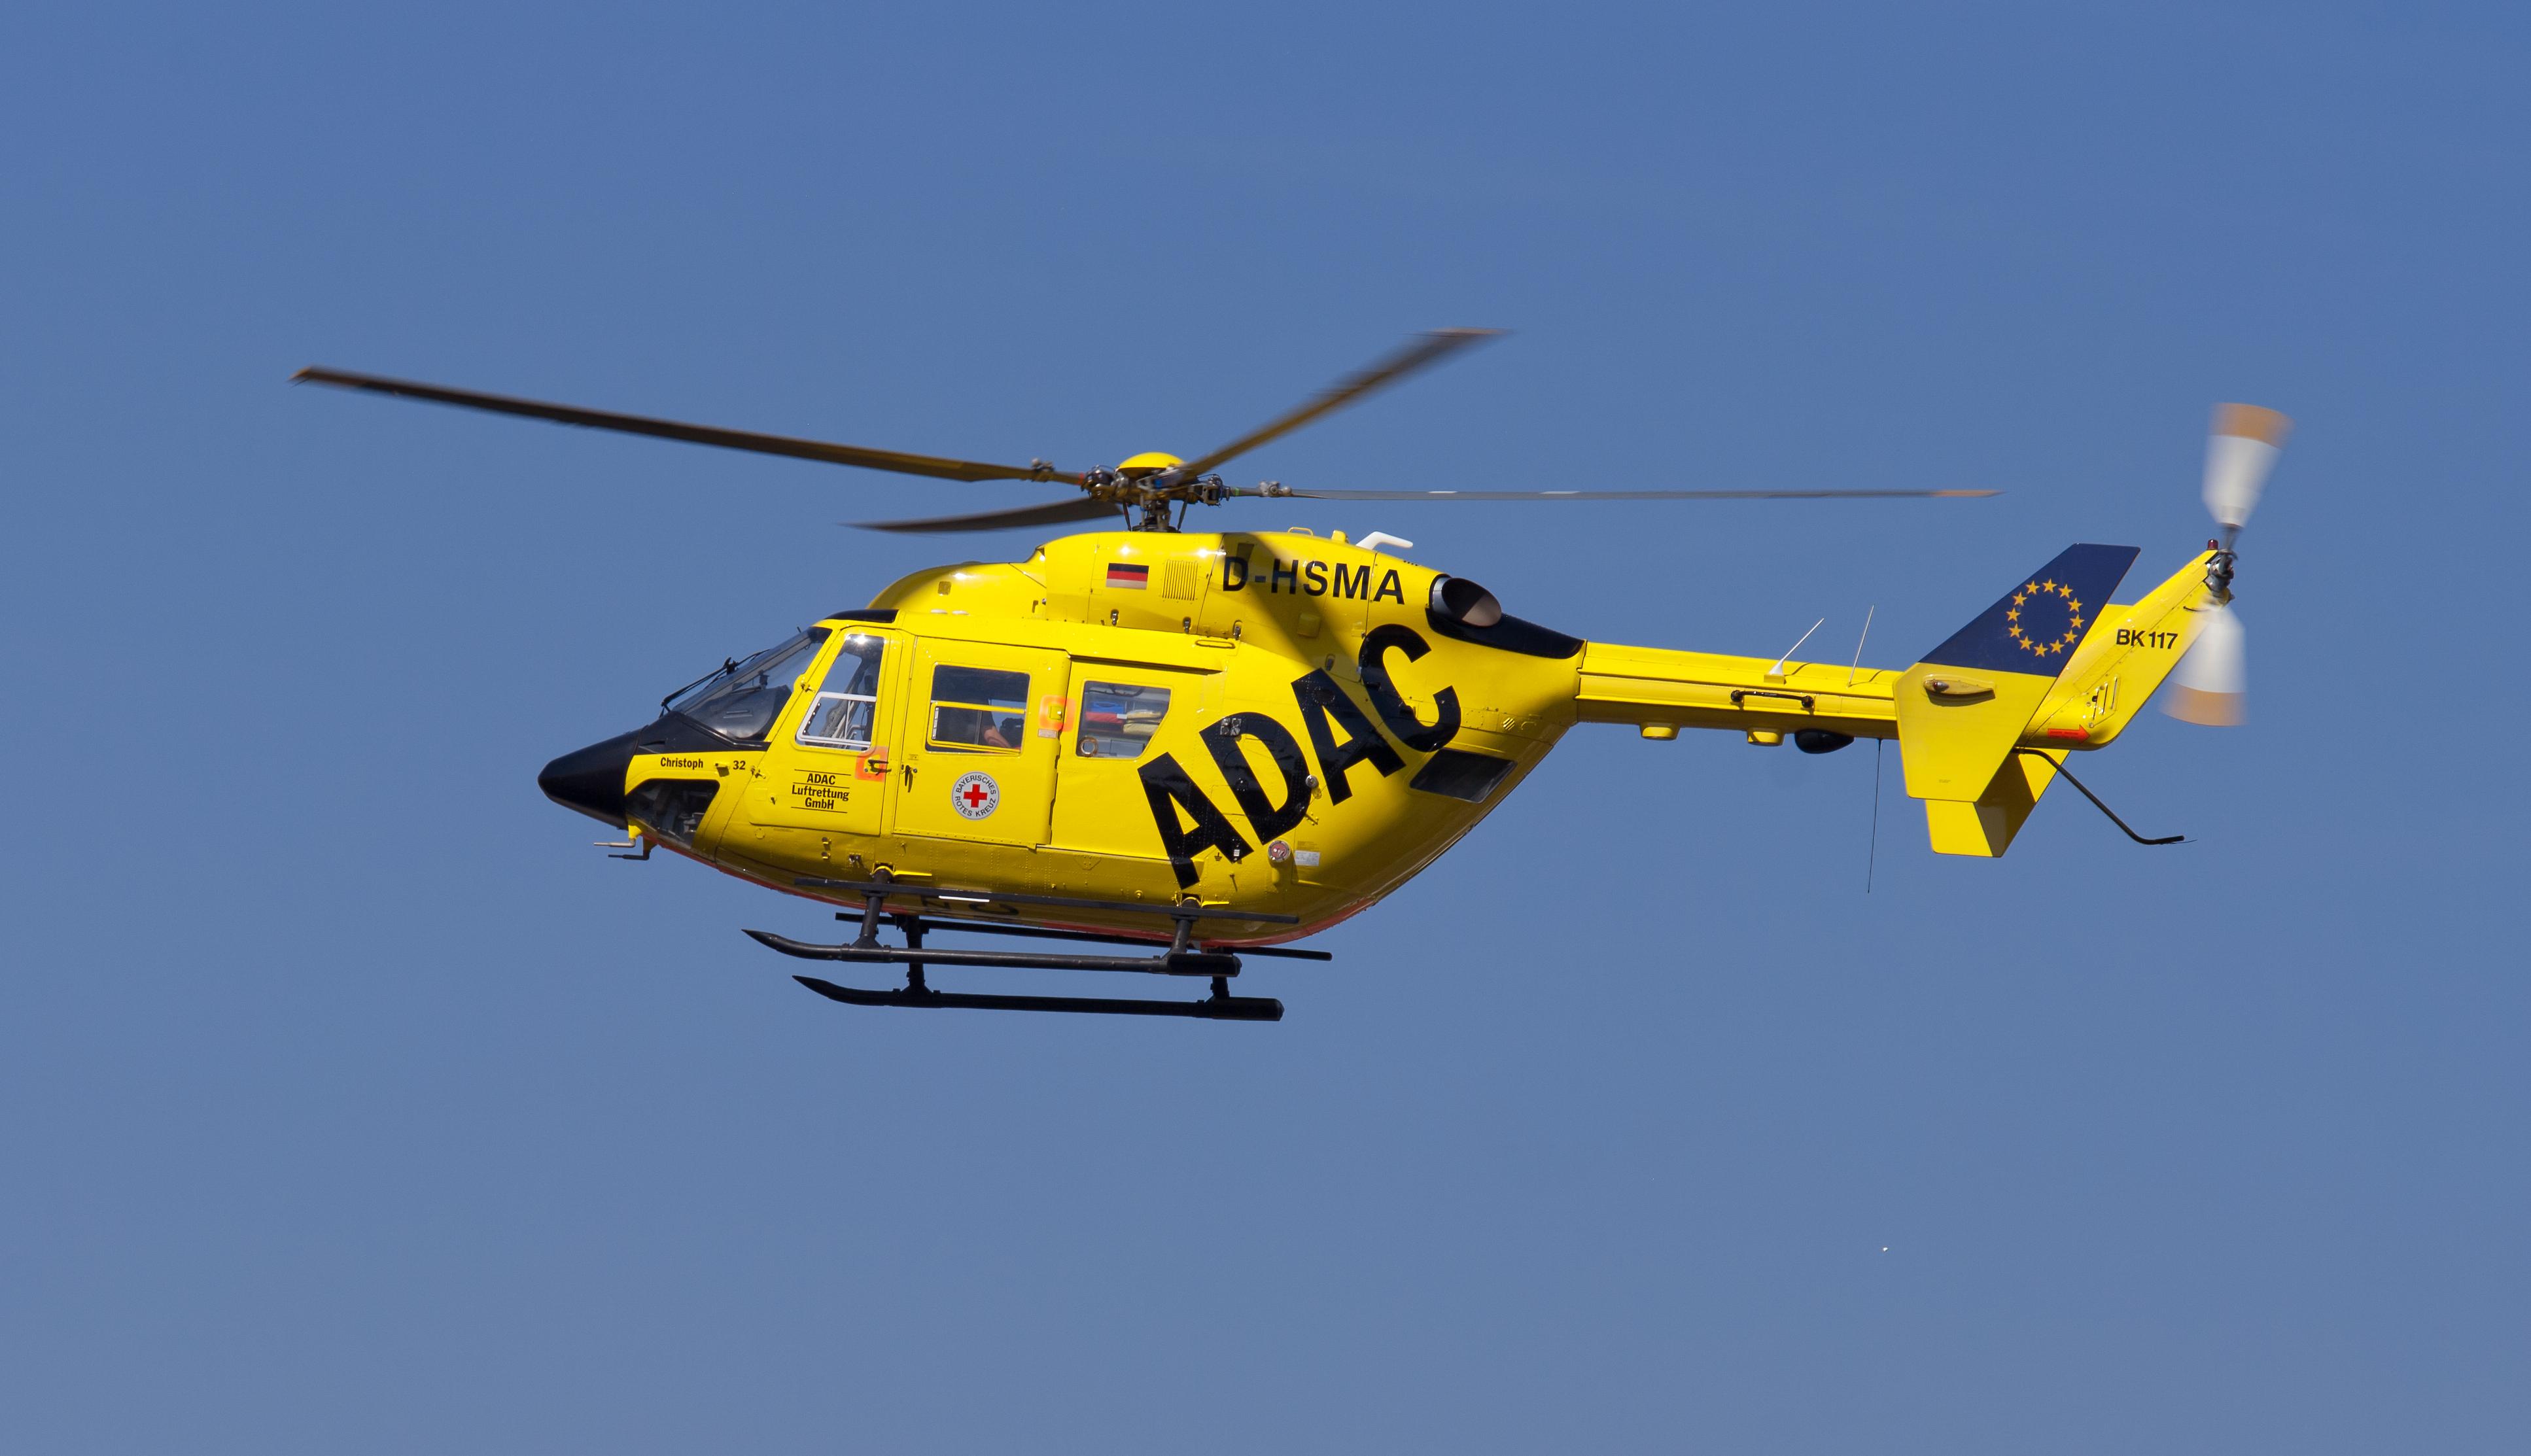 adac hubschrauber  adac  bk117 selbstgebaut  youtube